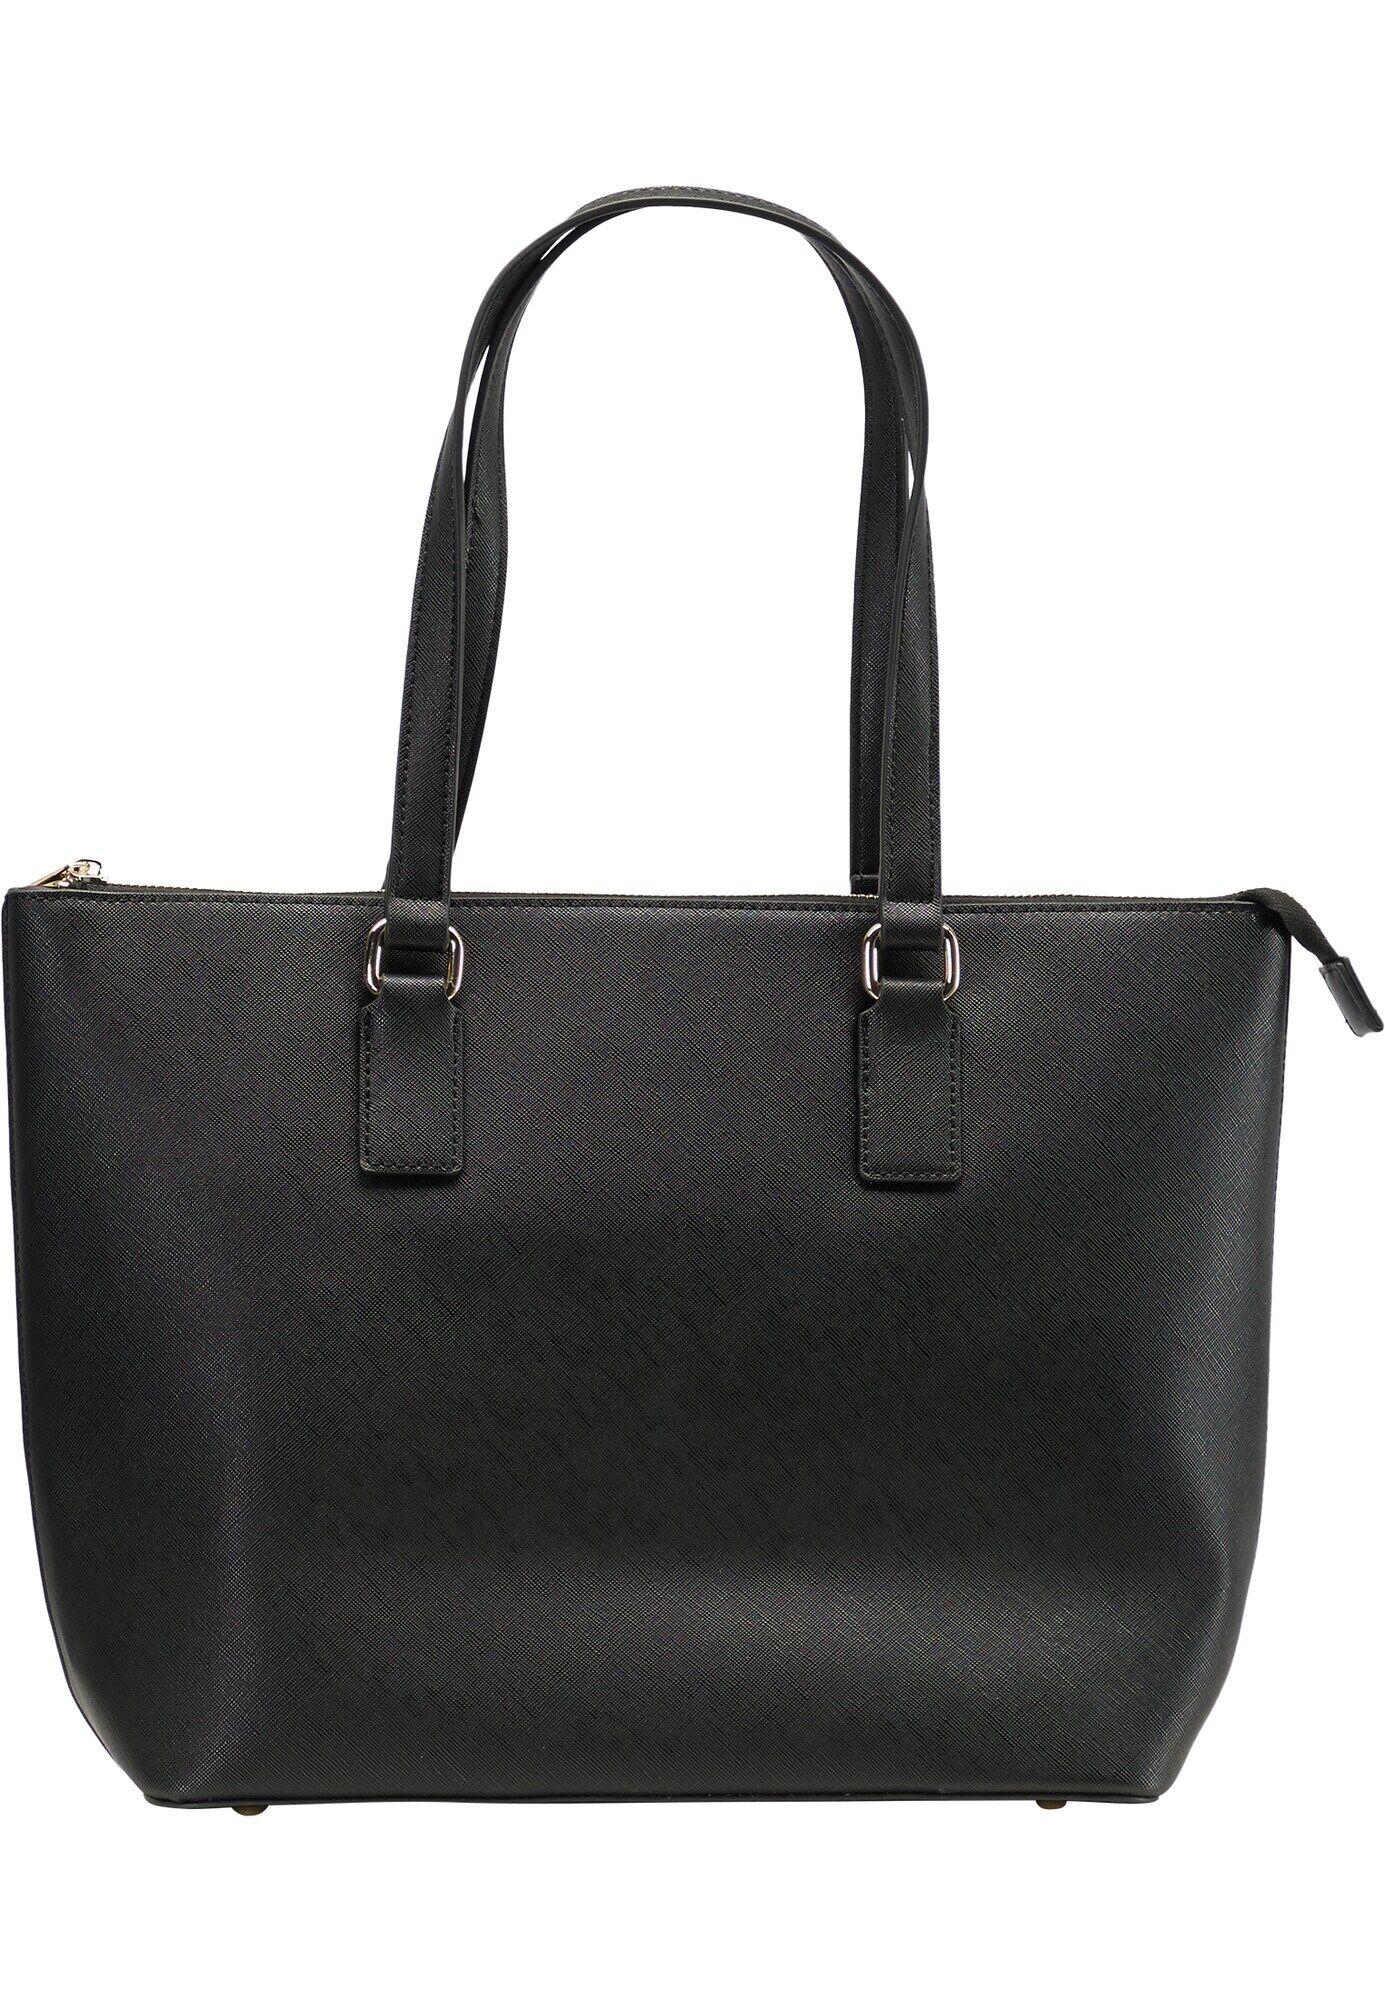 Usha Sac bandoulière  - Noir - Taille: One Size - female